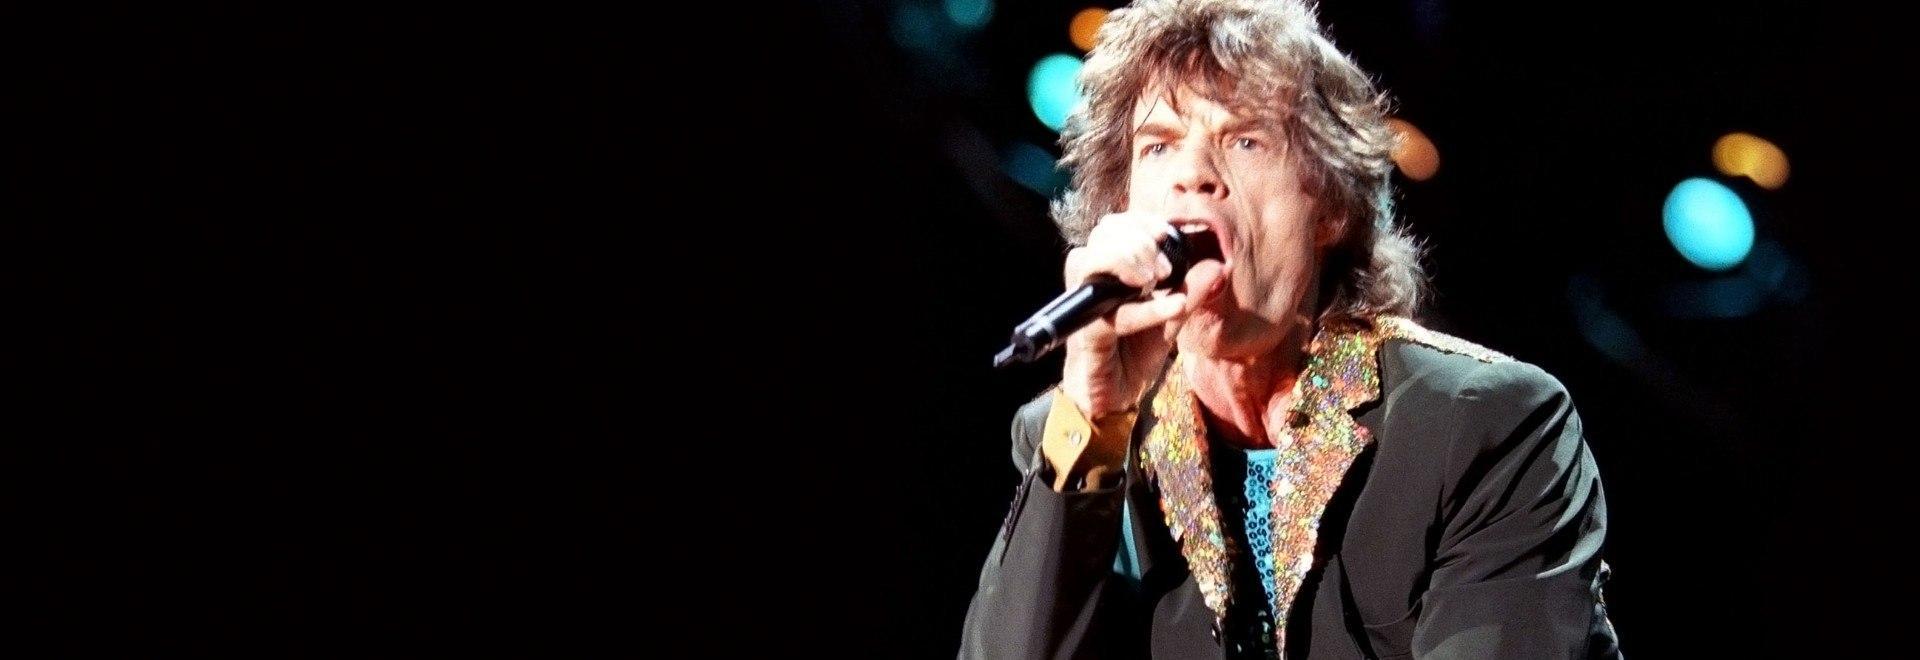 Mick Jagger - Leggenda del rock